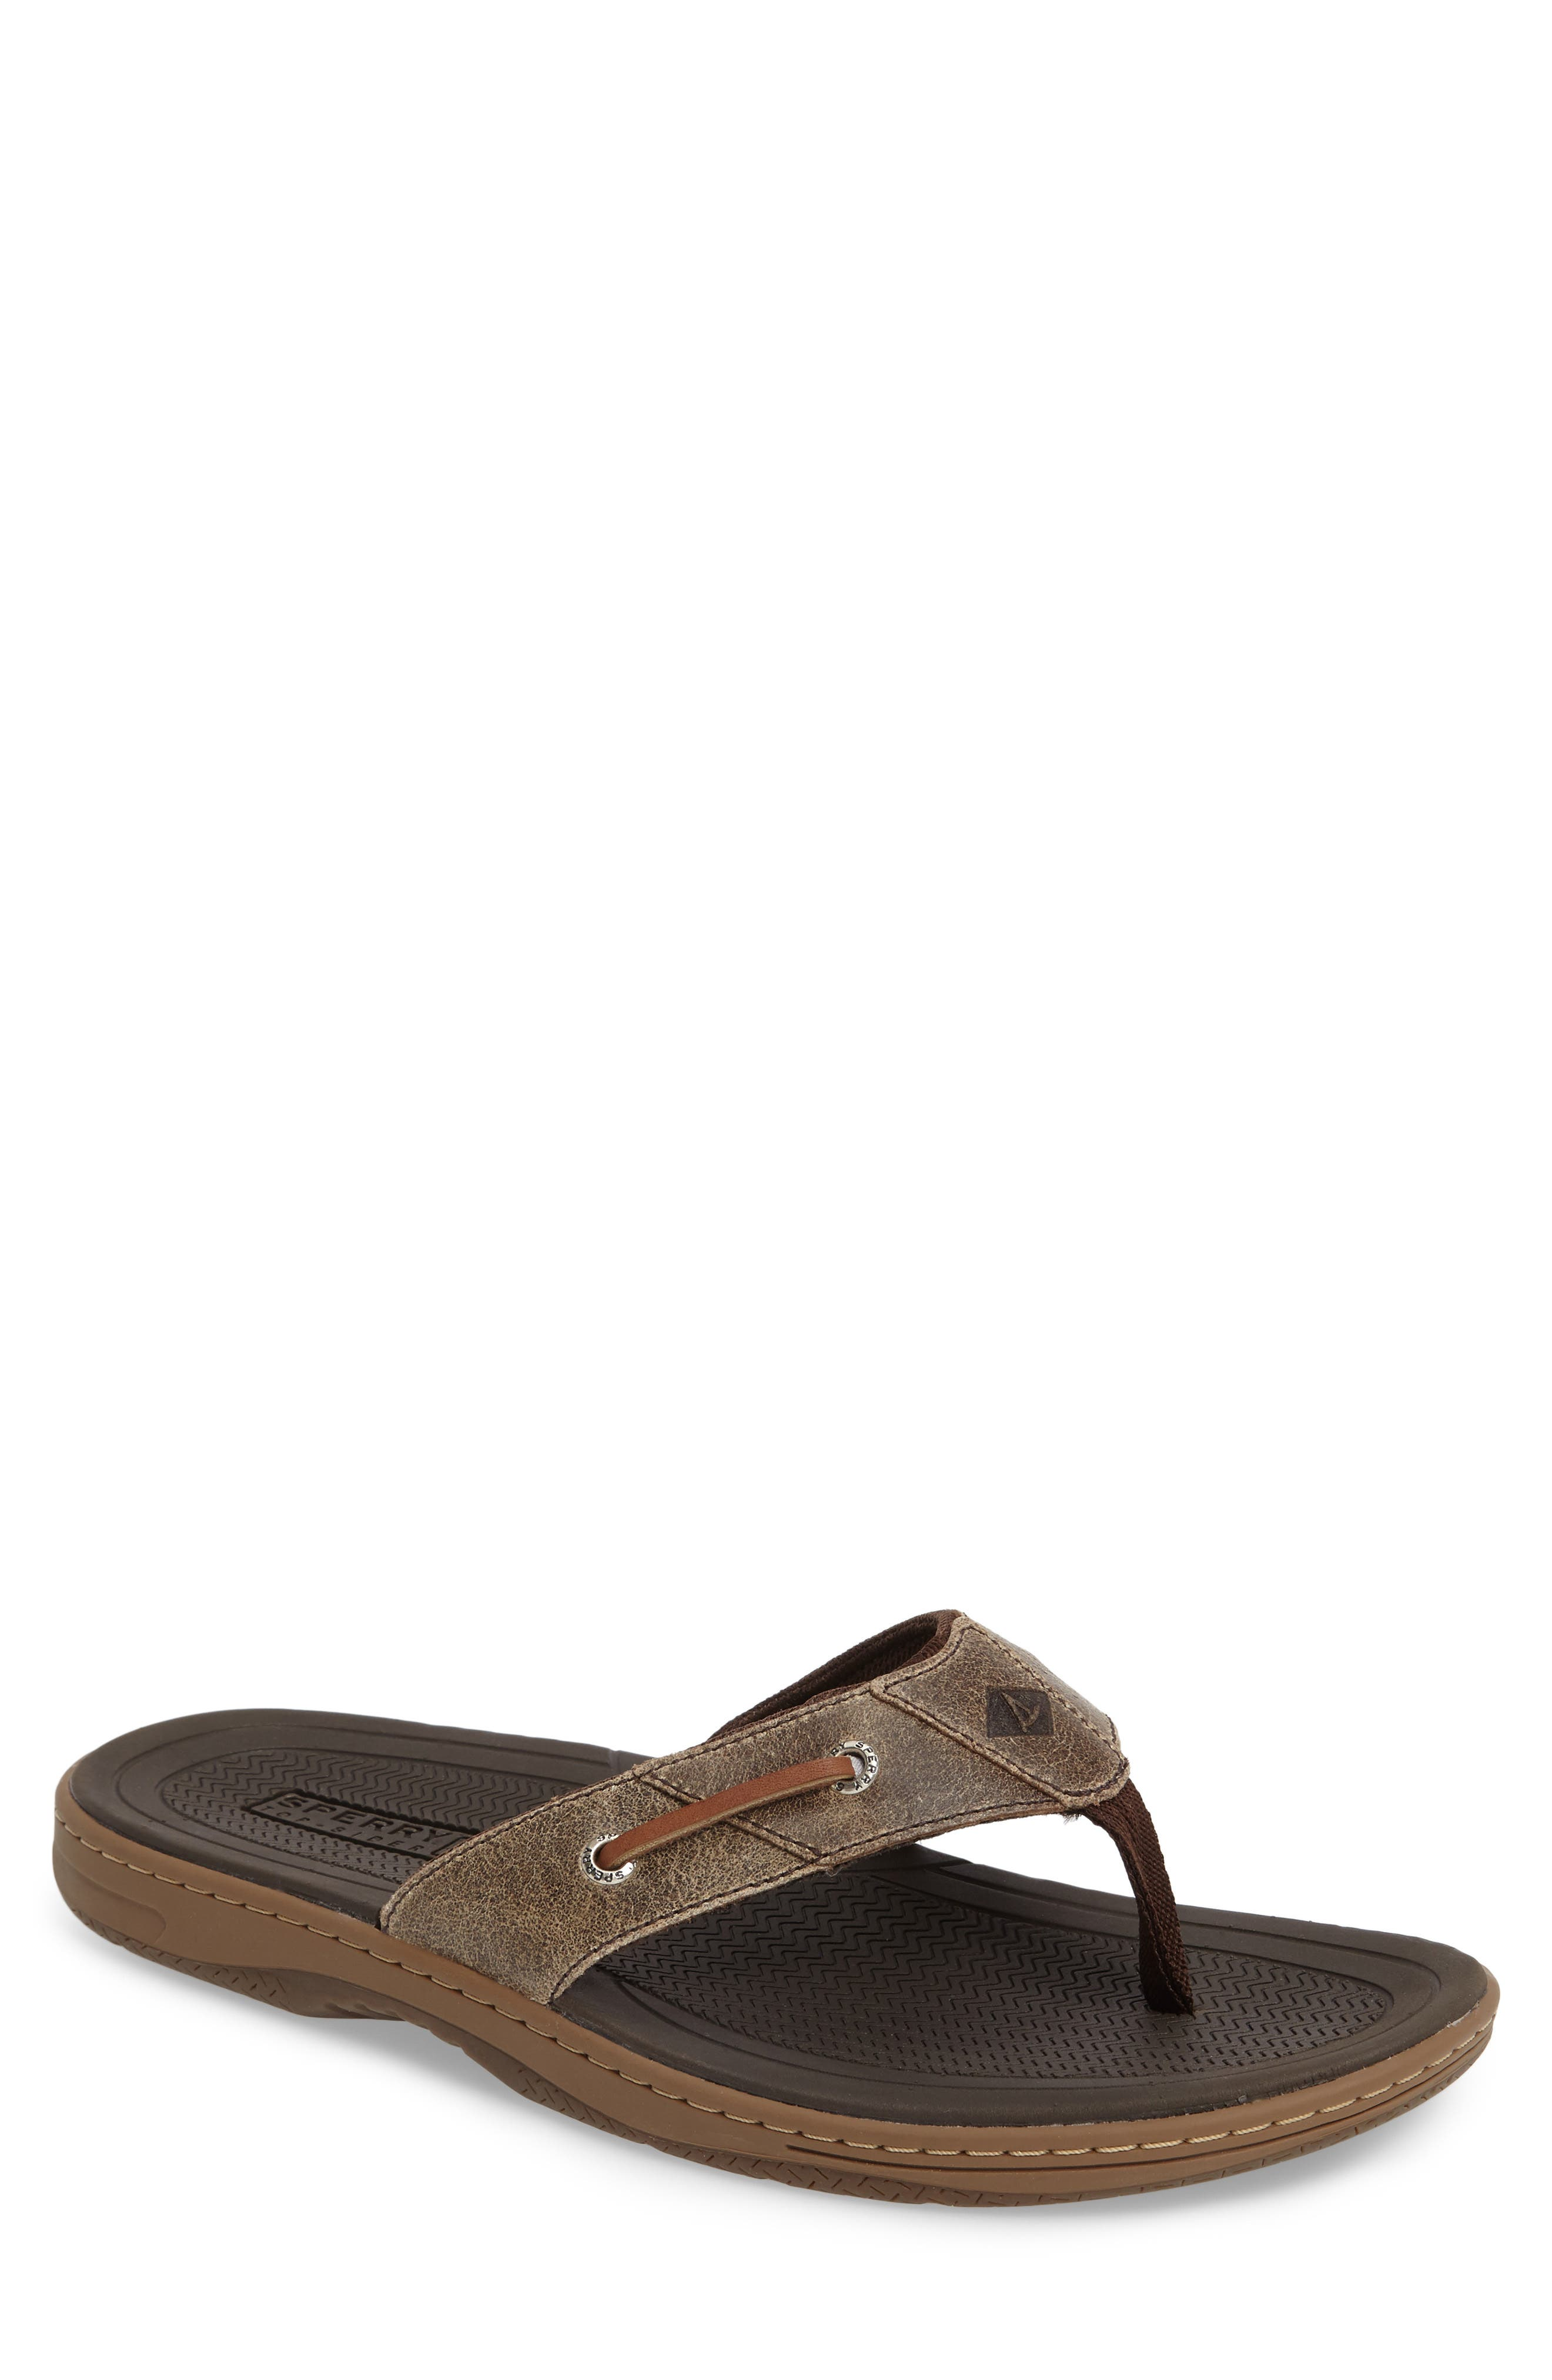 'Baitfish' Sandal,                         Main,                         color, BROWN/BROWN